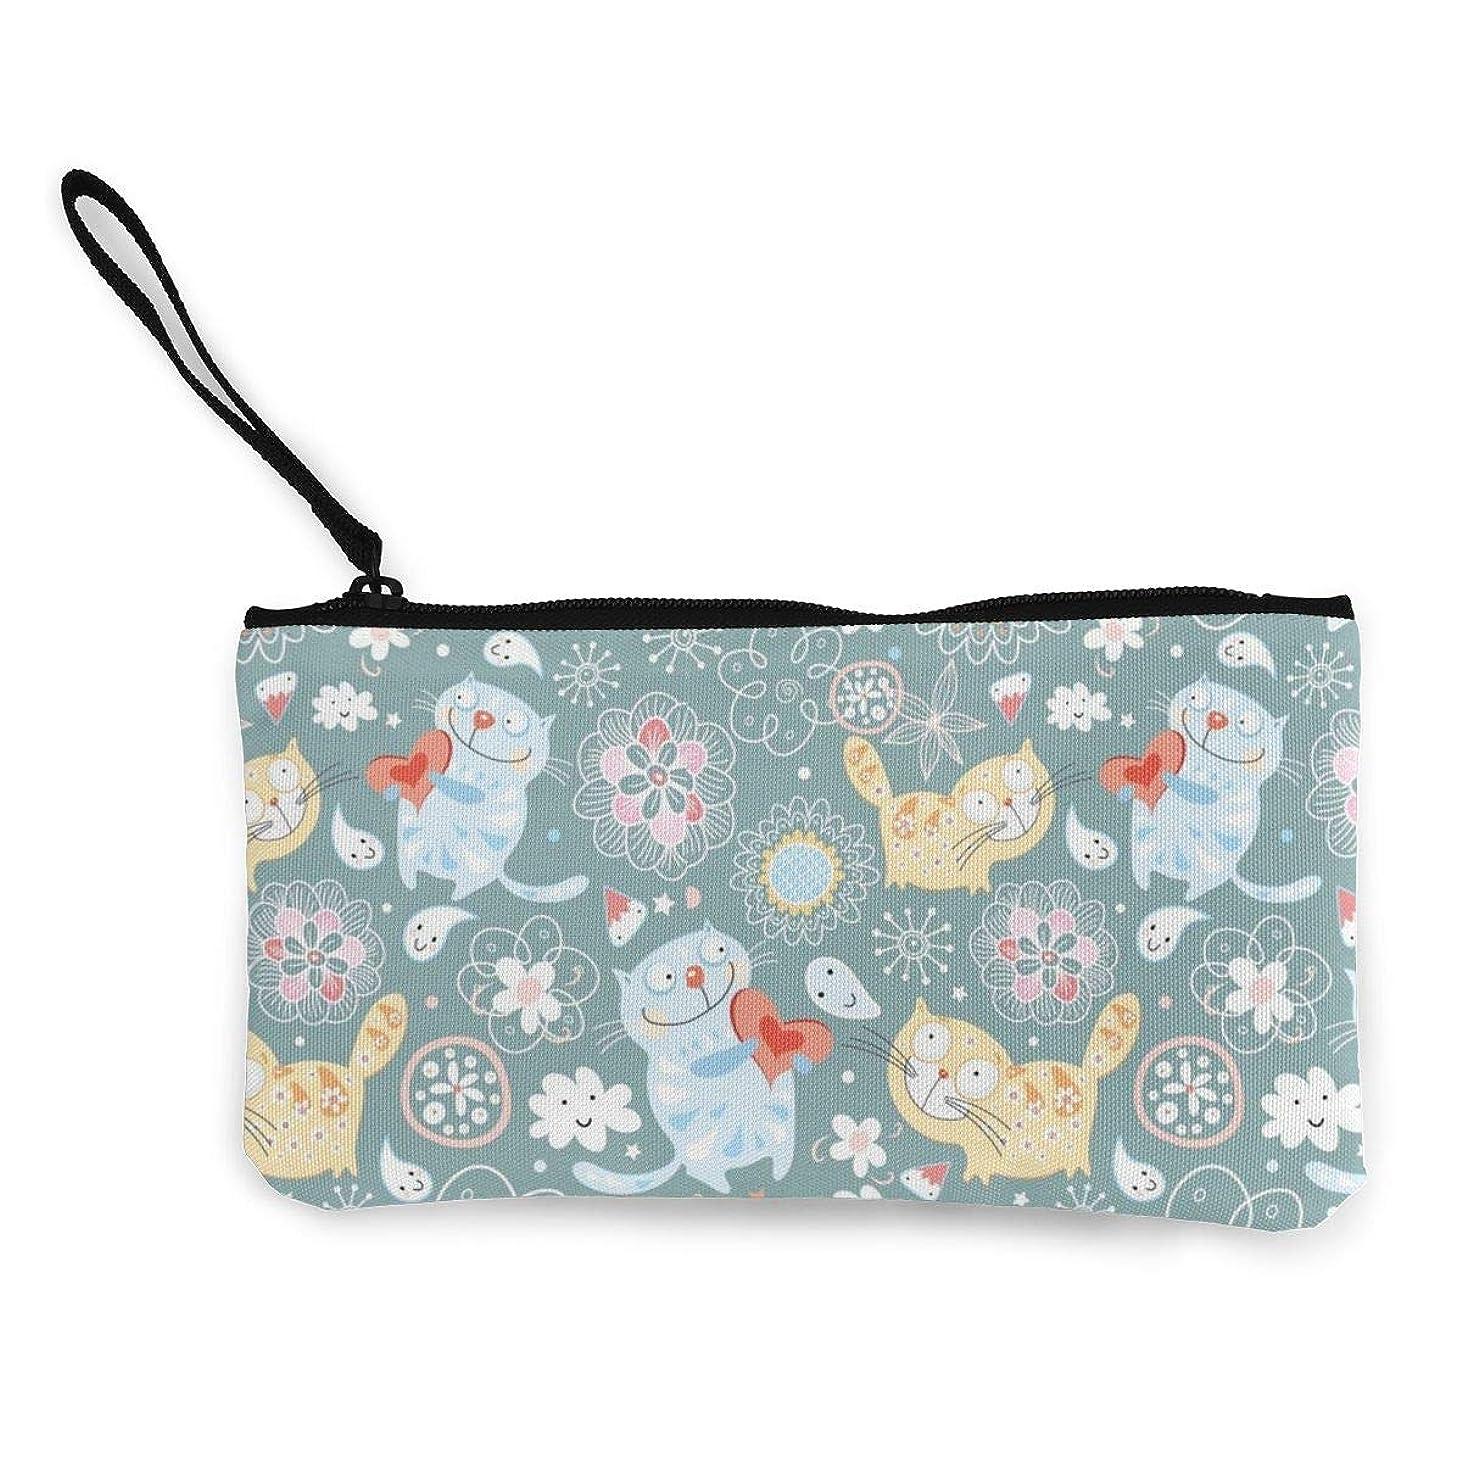 罹患率裸ひどいErmiCo レディース 小銭入れ キャンバス財布 猫のバレンタインデー 小遣い財布 財布 鍵 小物 充電器 収納 長財布 ファスナー付き 22×12cm